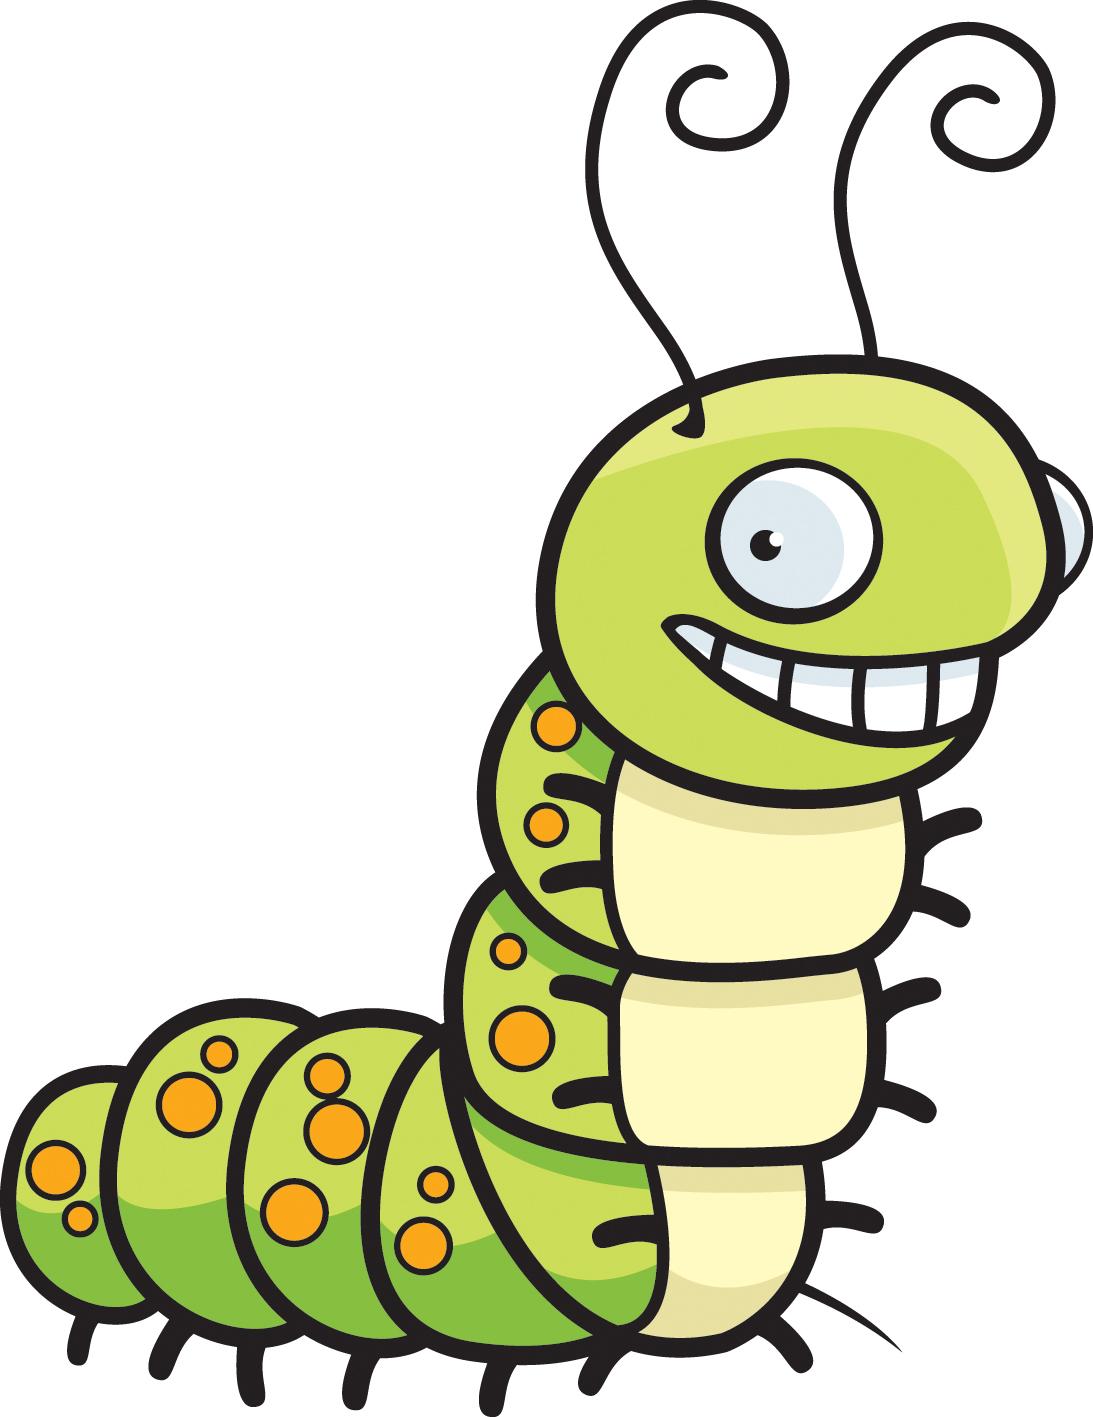 Caterpillar Clipart - Caterpillar Clipart